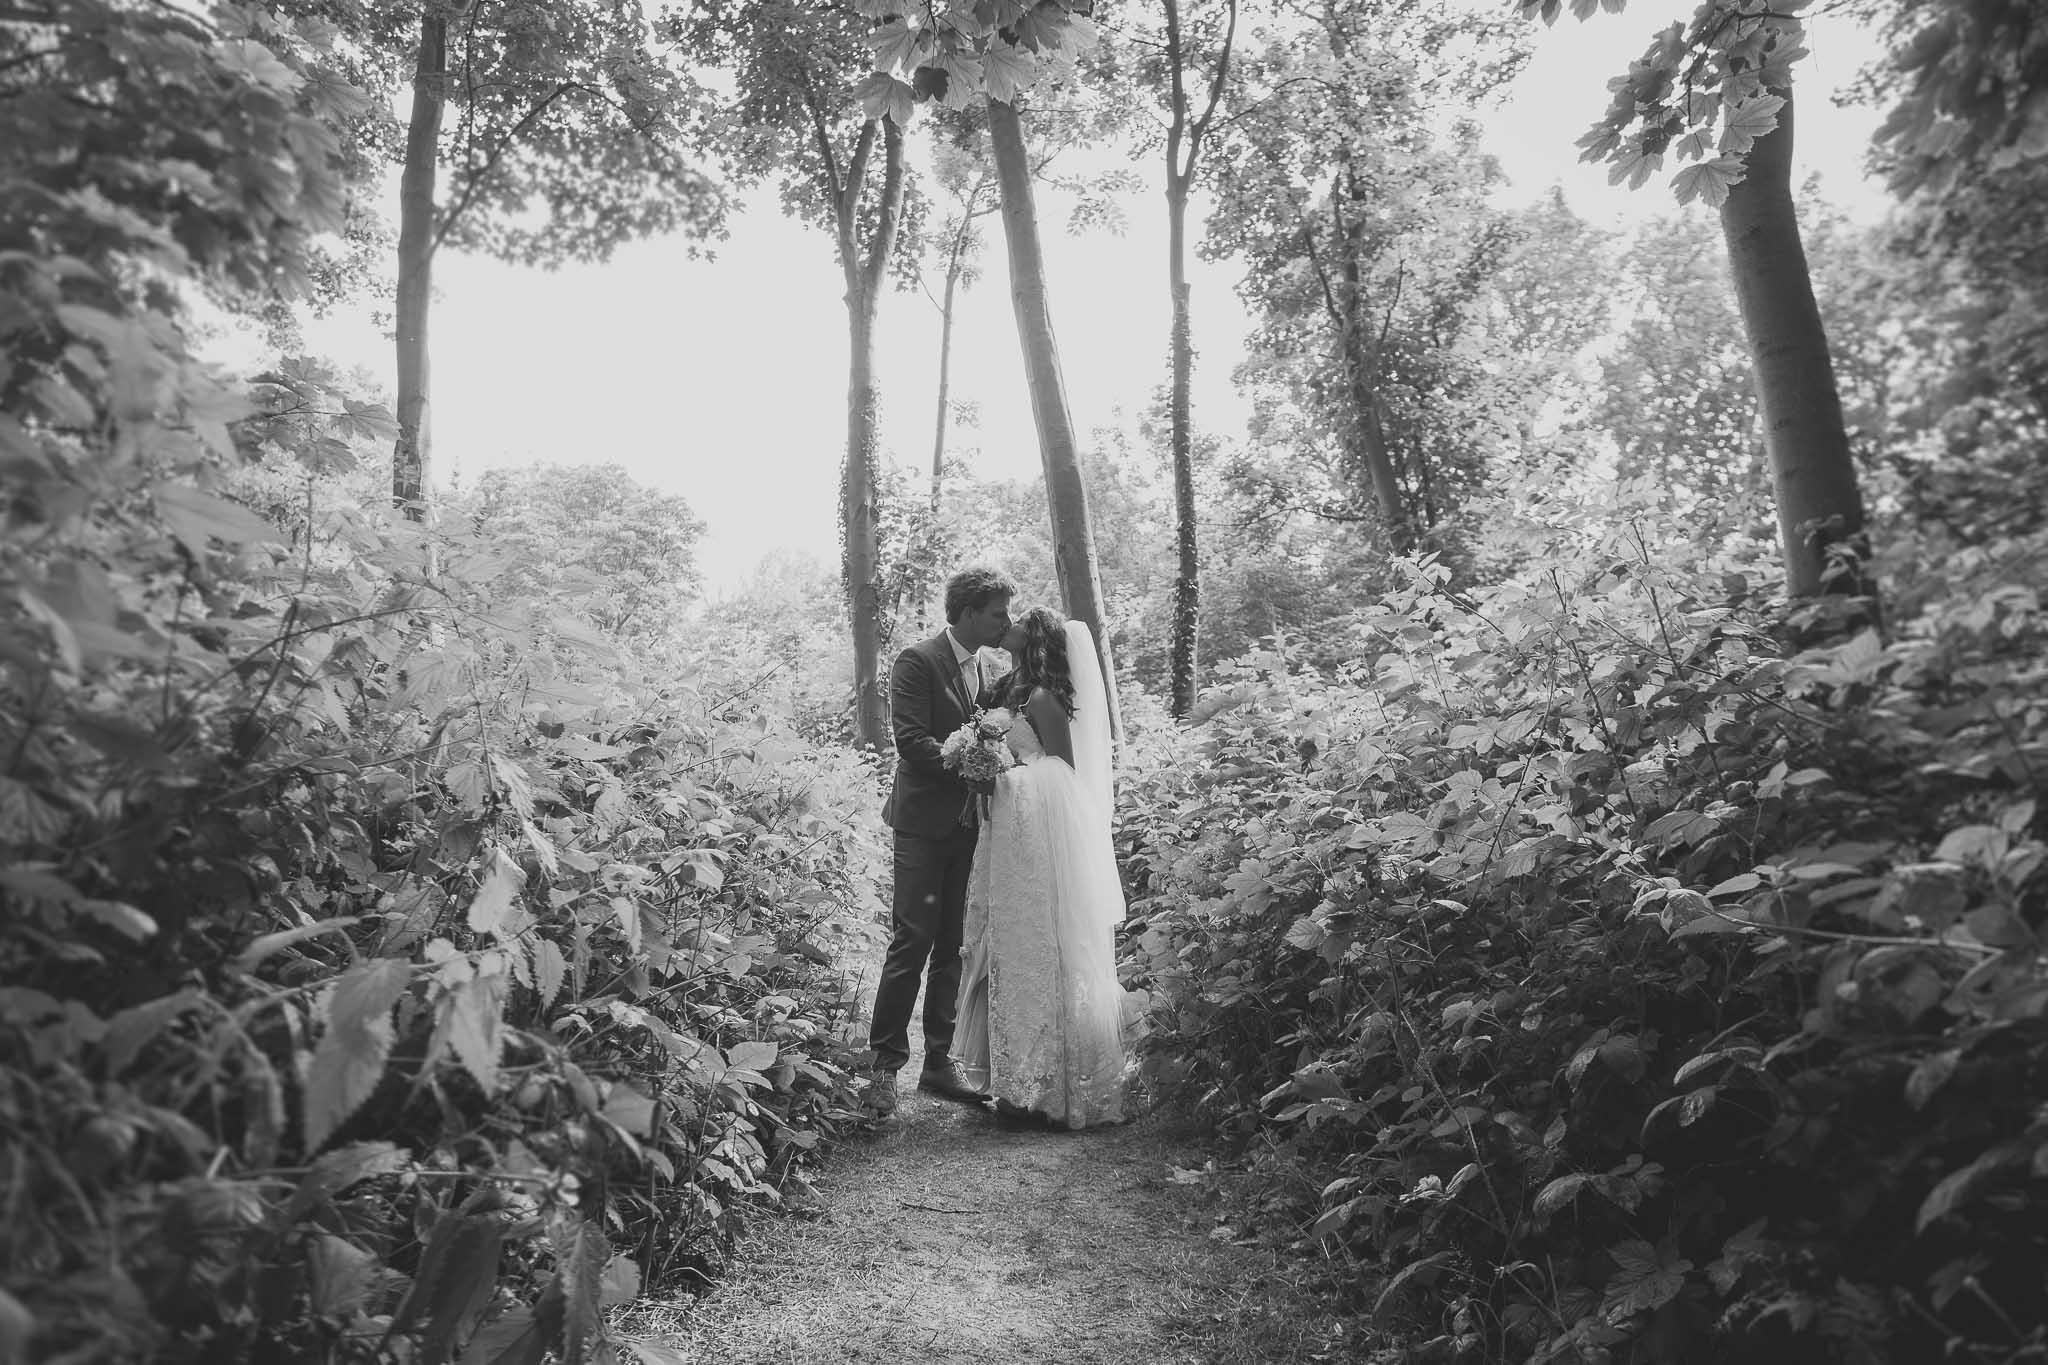 freebirdstories-com_wedding_christiaannina_lowres_470